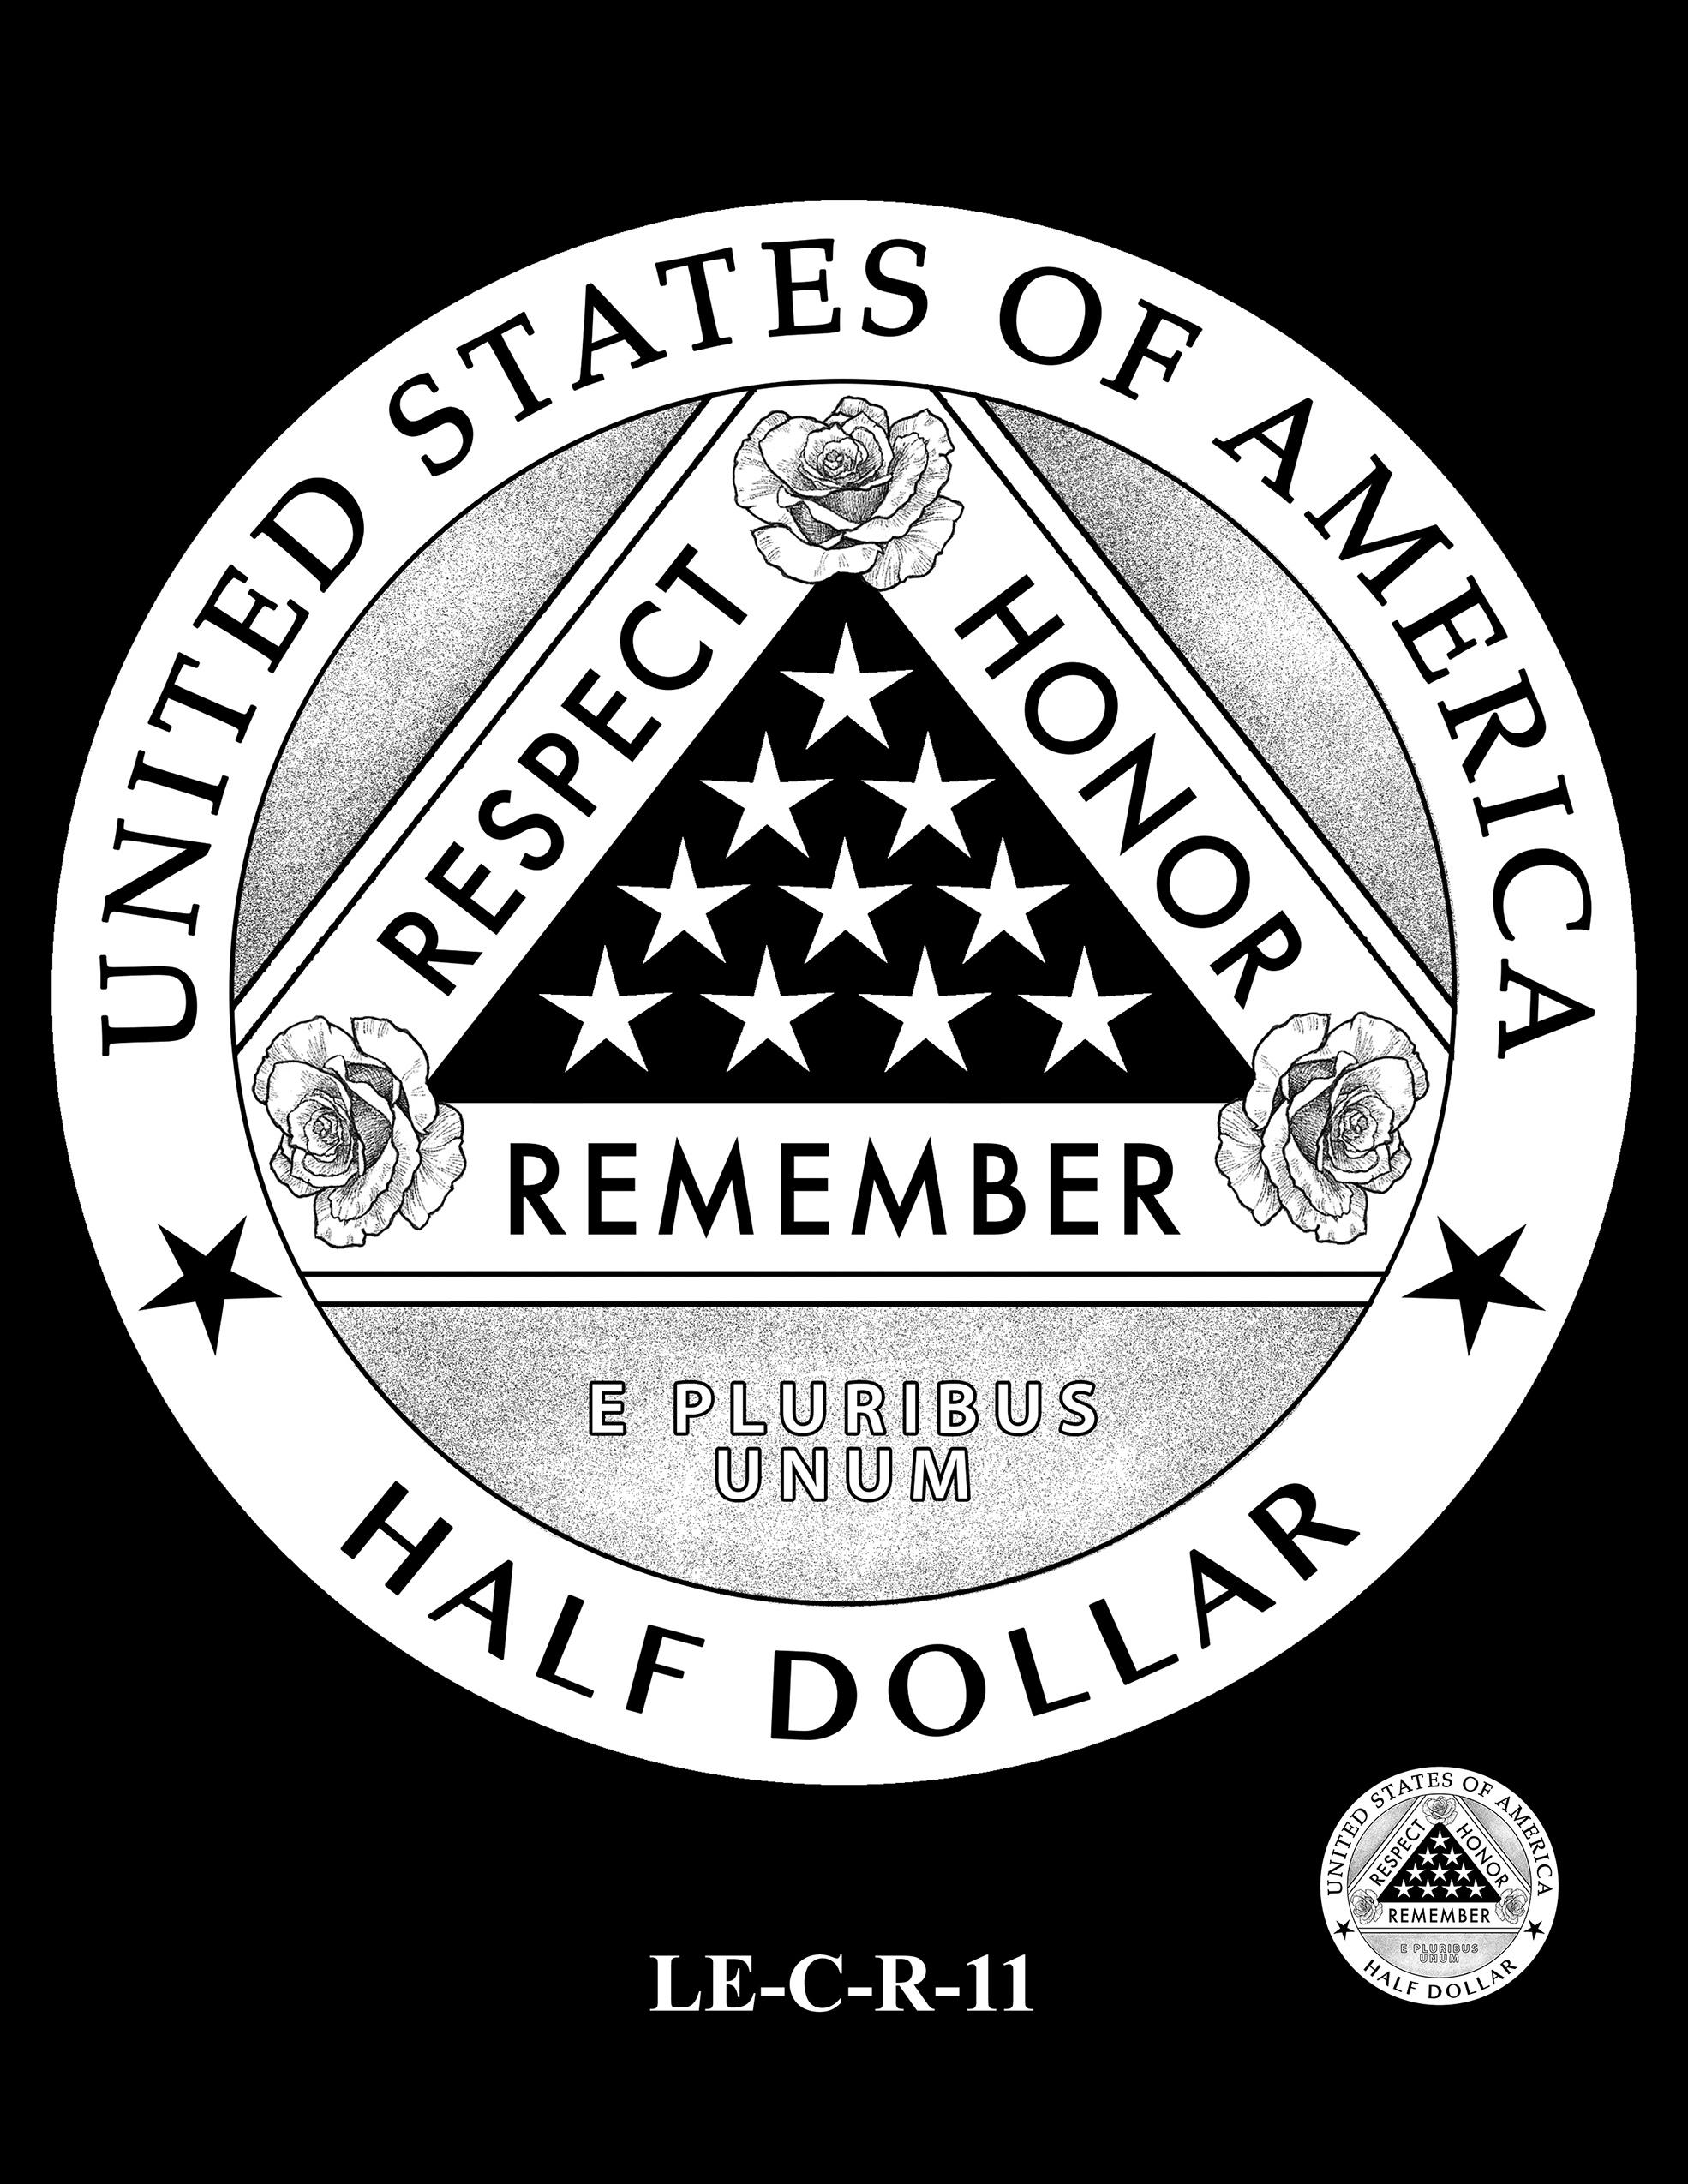 LE-C-R-11 -- National Law Enforcement Museum Commemorative Coin Program